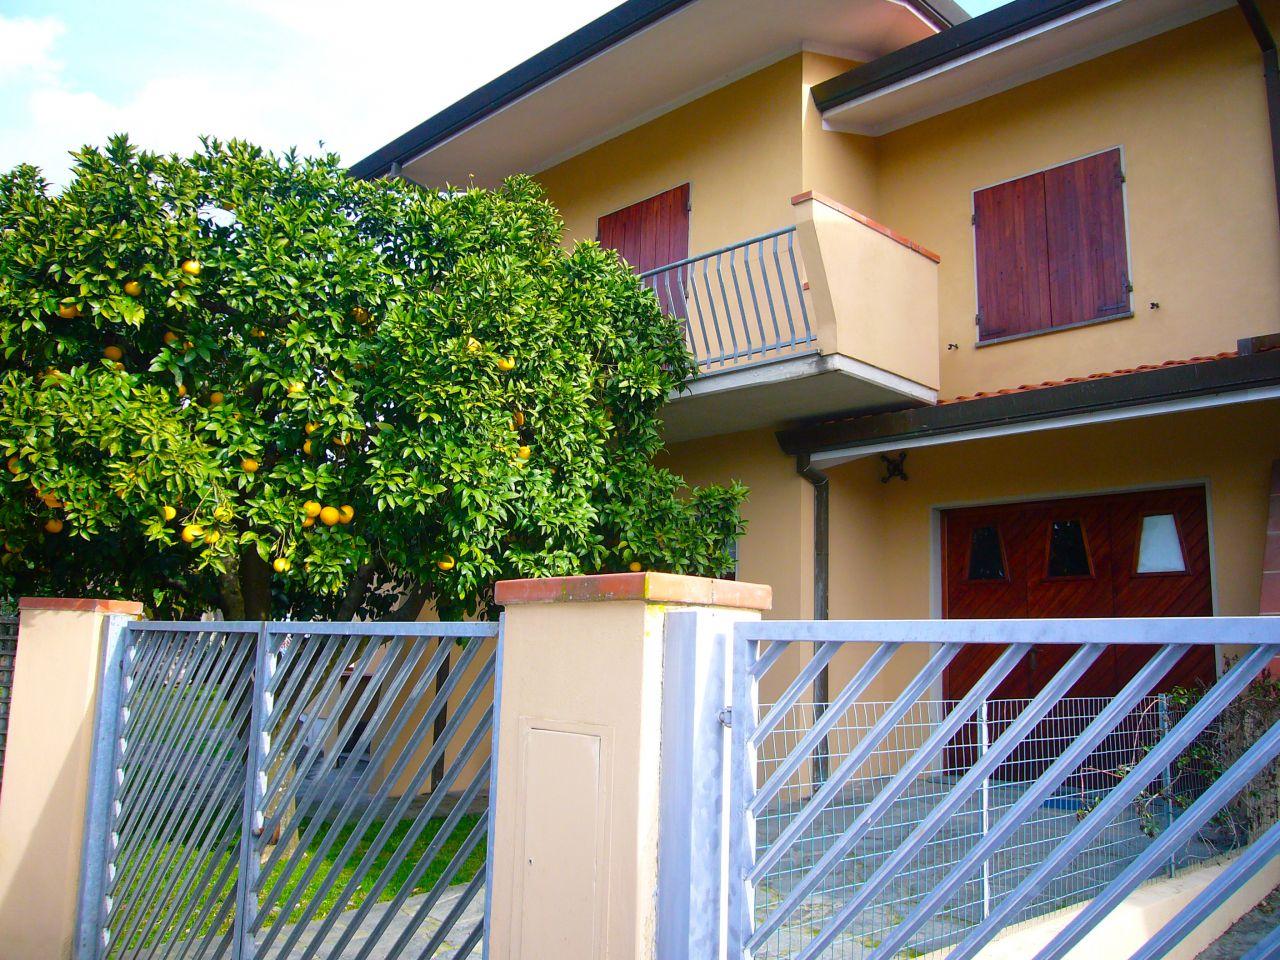 affitto villa bifamiliare pietrasanta periferia  3000 euro  10 locali  1120 mq